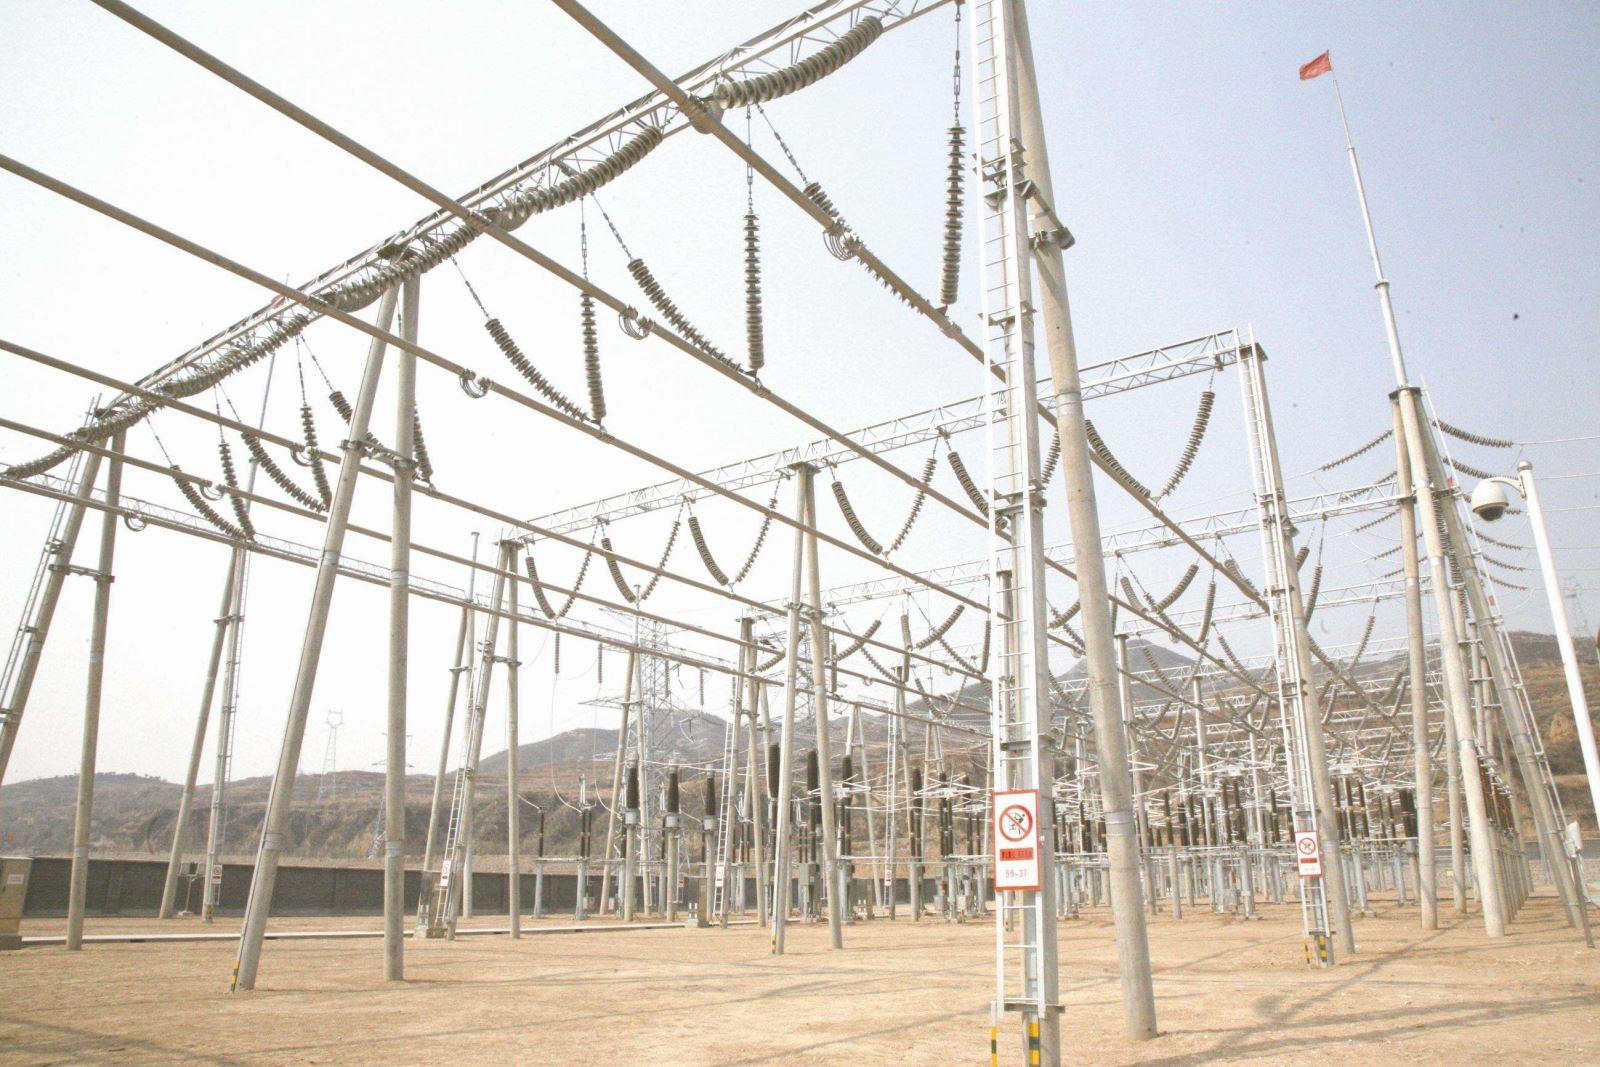 江西出台电网发展新规划 到2022年新增线路10970公里